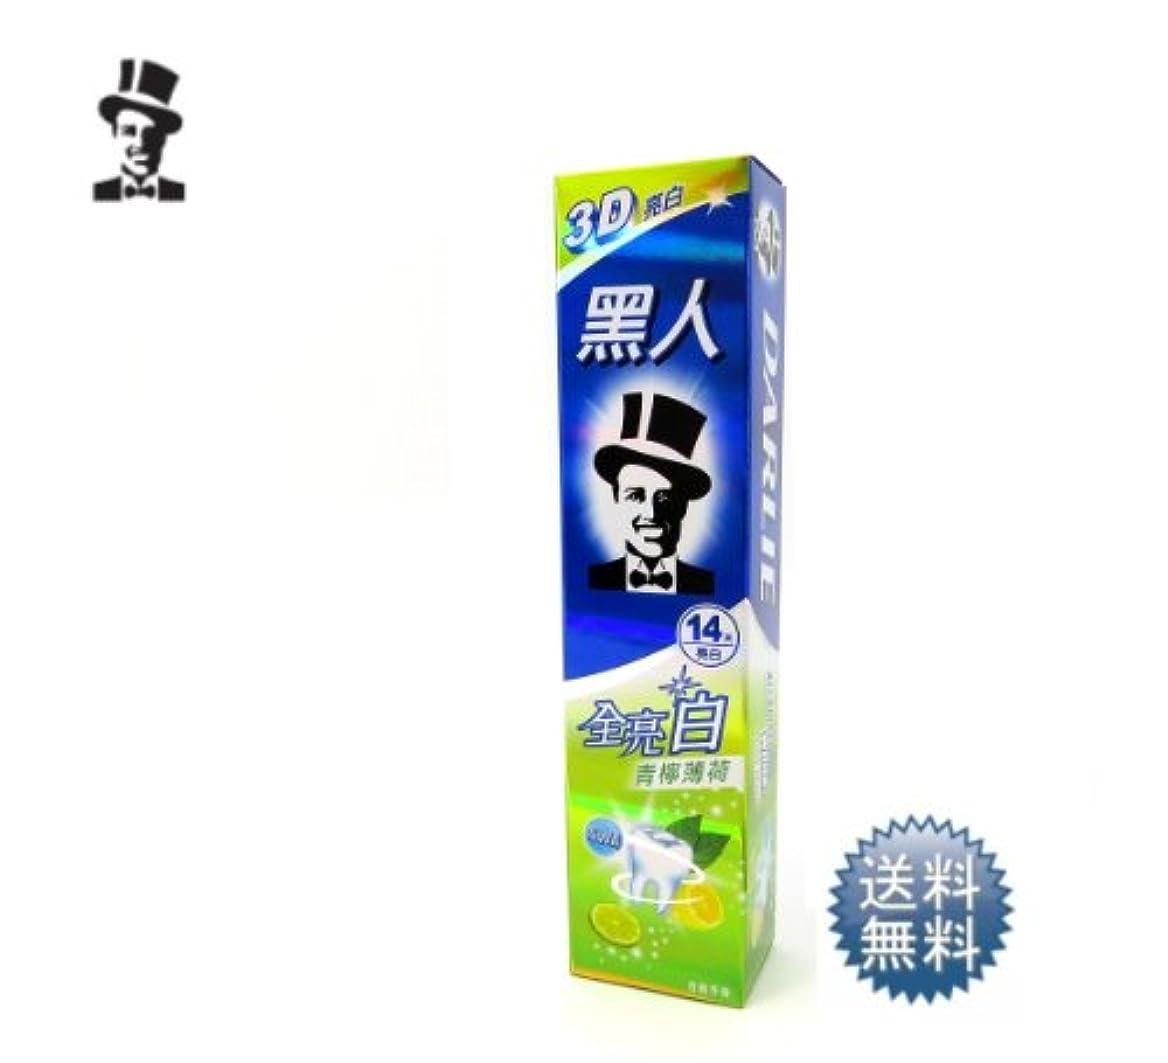 照らす均等に拘束する台湾 黒人 歯磨き 全亮白 青檸薄荷 140g